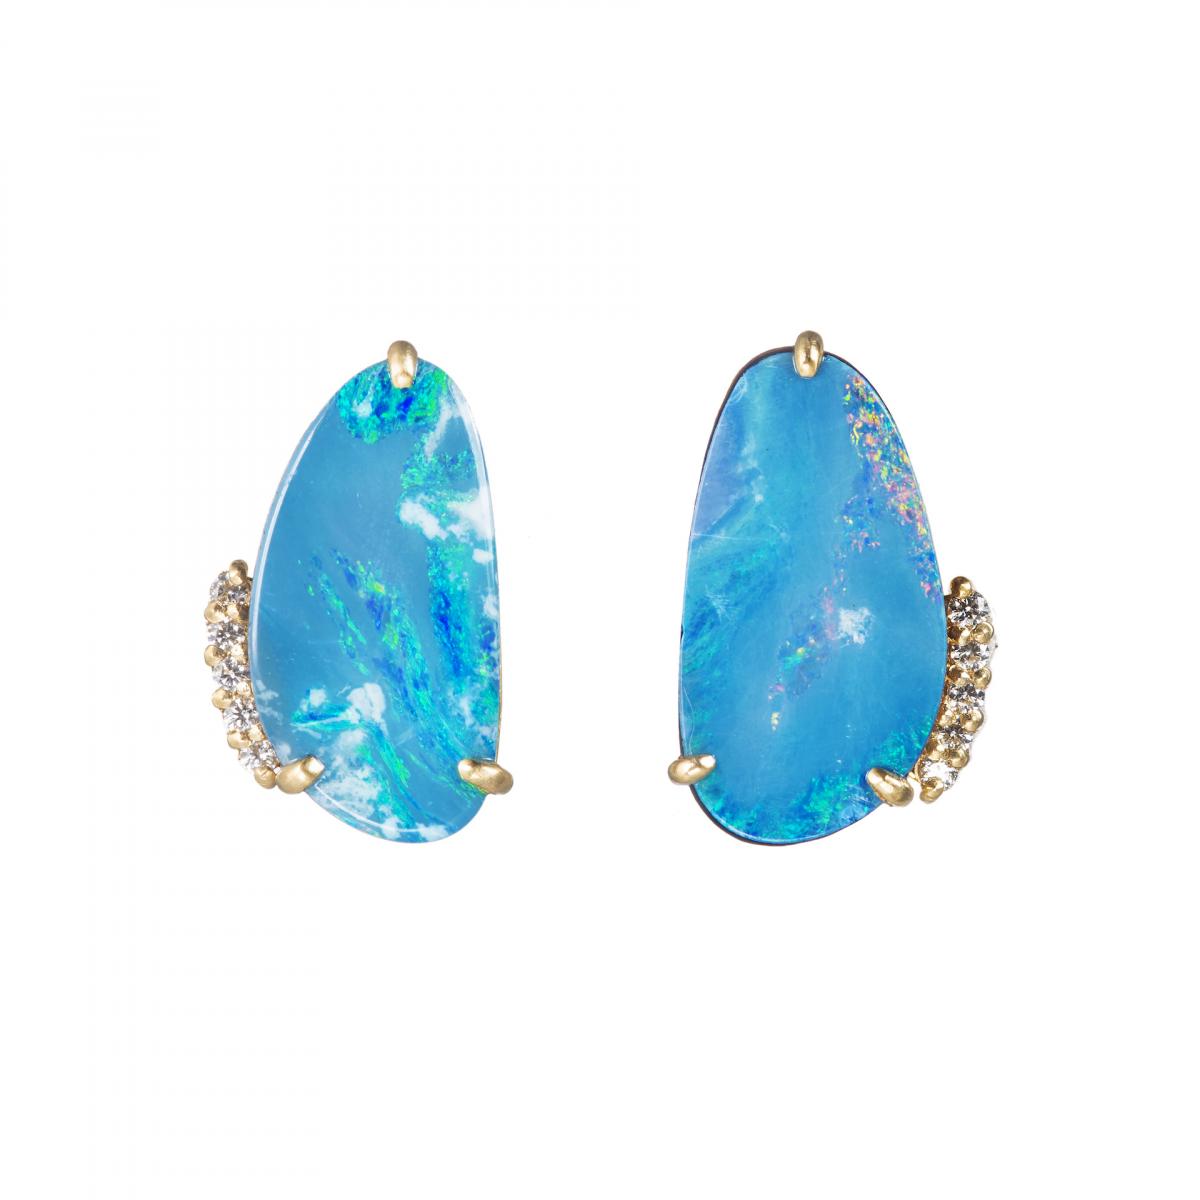 【HASUNA】耳元を彩る幸運の石、オパールのピアス